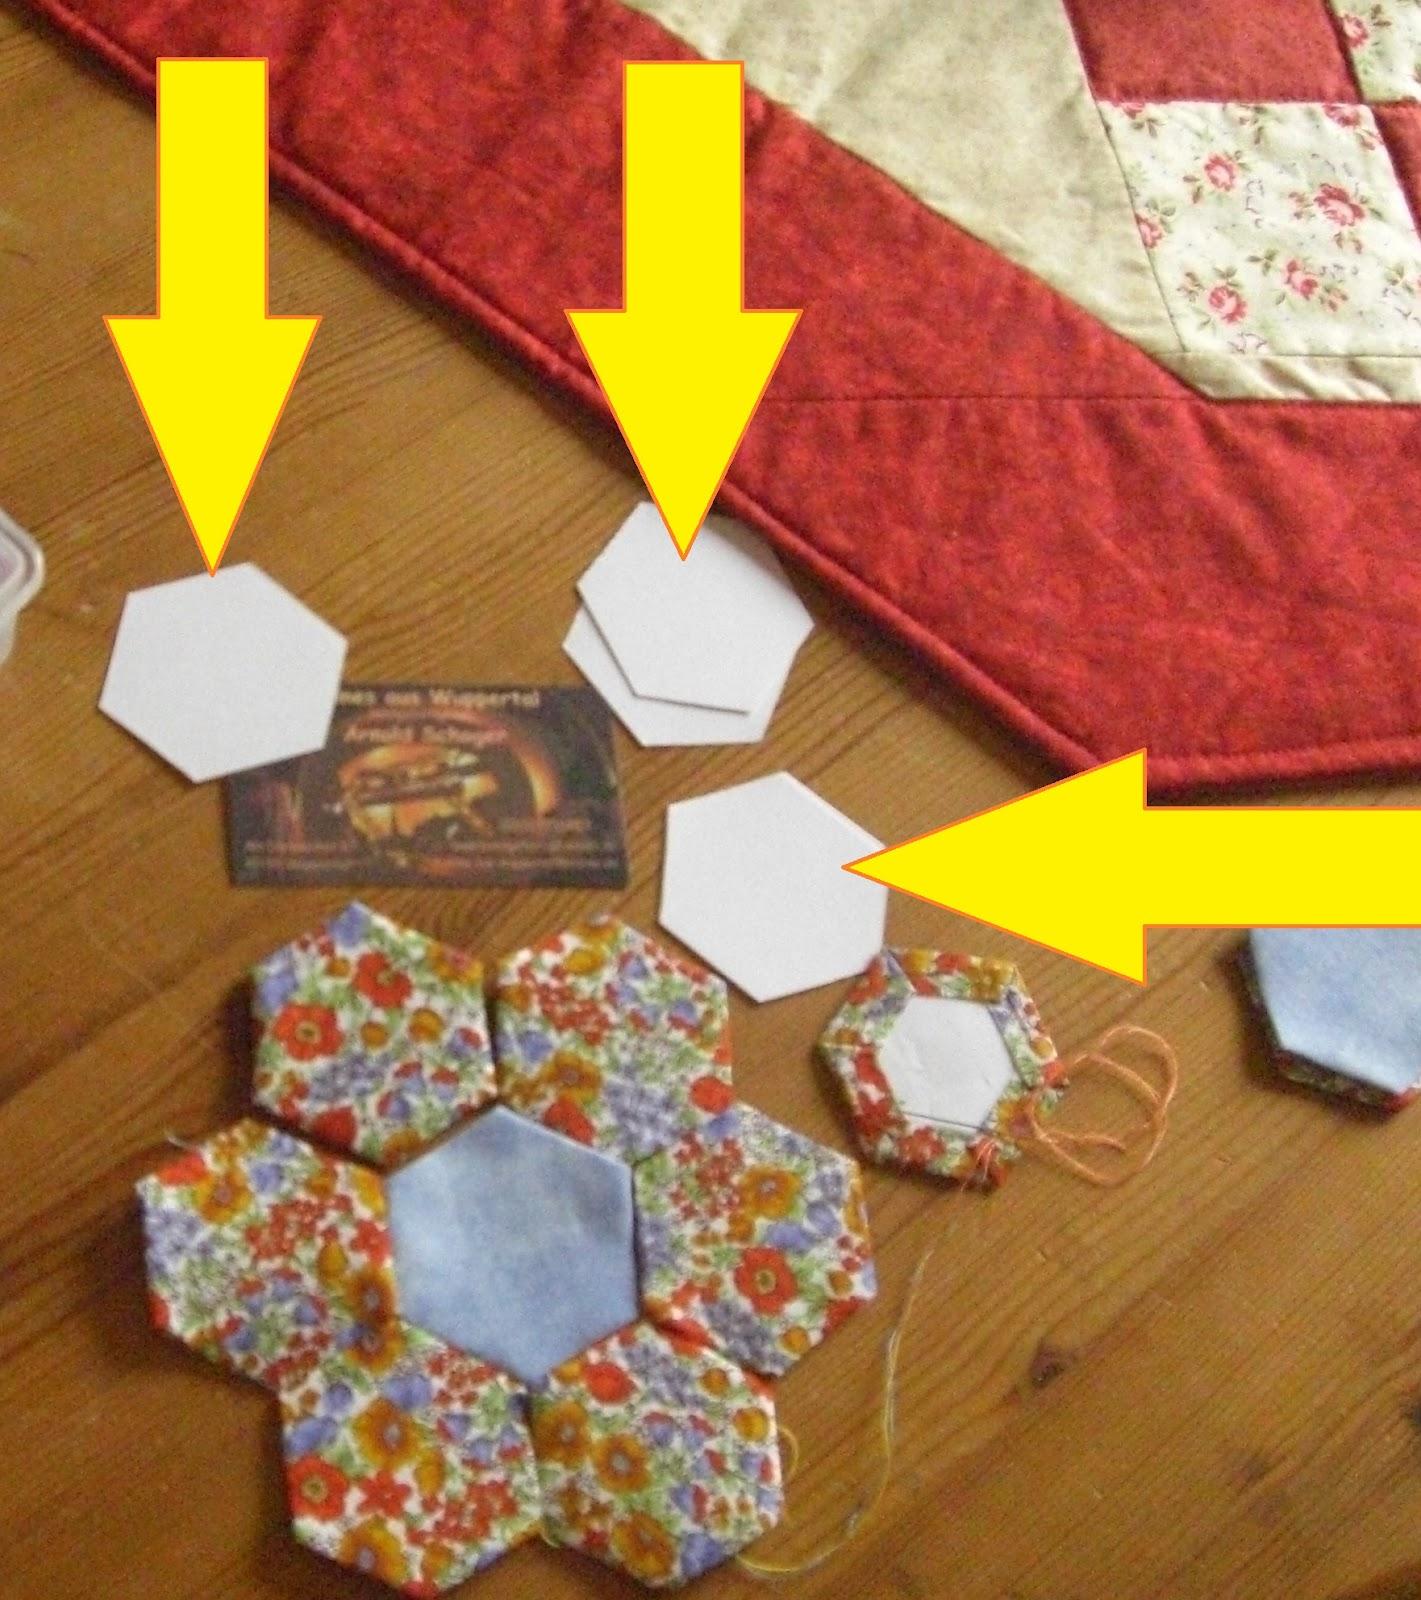 http://3.bp.blogspot.com/-EJAuLePTudU/UGMf2LXKaKI/AAAAAAAABos/US-pXDPHA6c/s1600/Hexagon,+Waben+Papier+Patchwork+Schablonen+-+Kopie.JPG